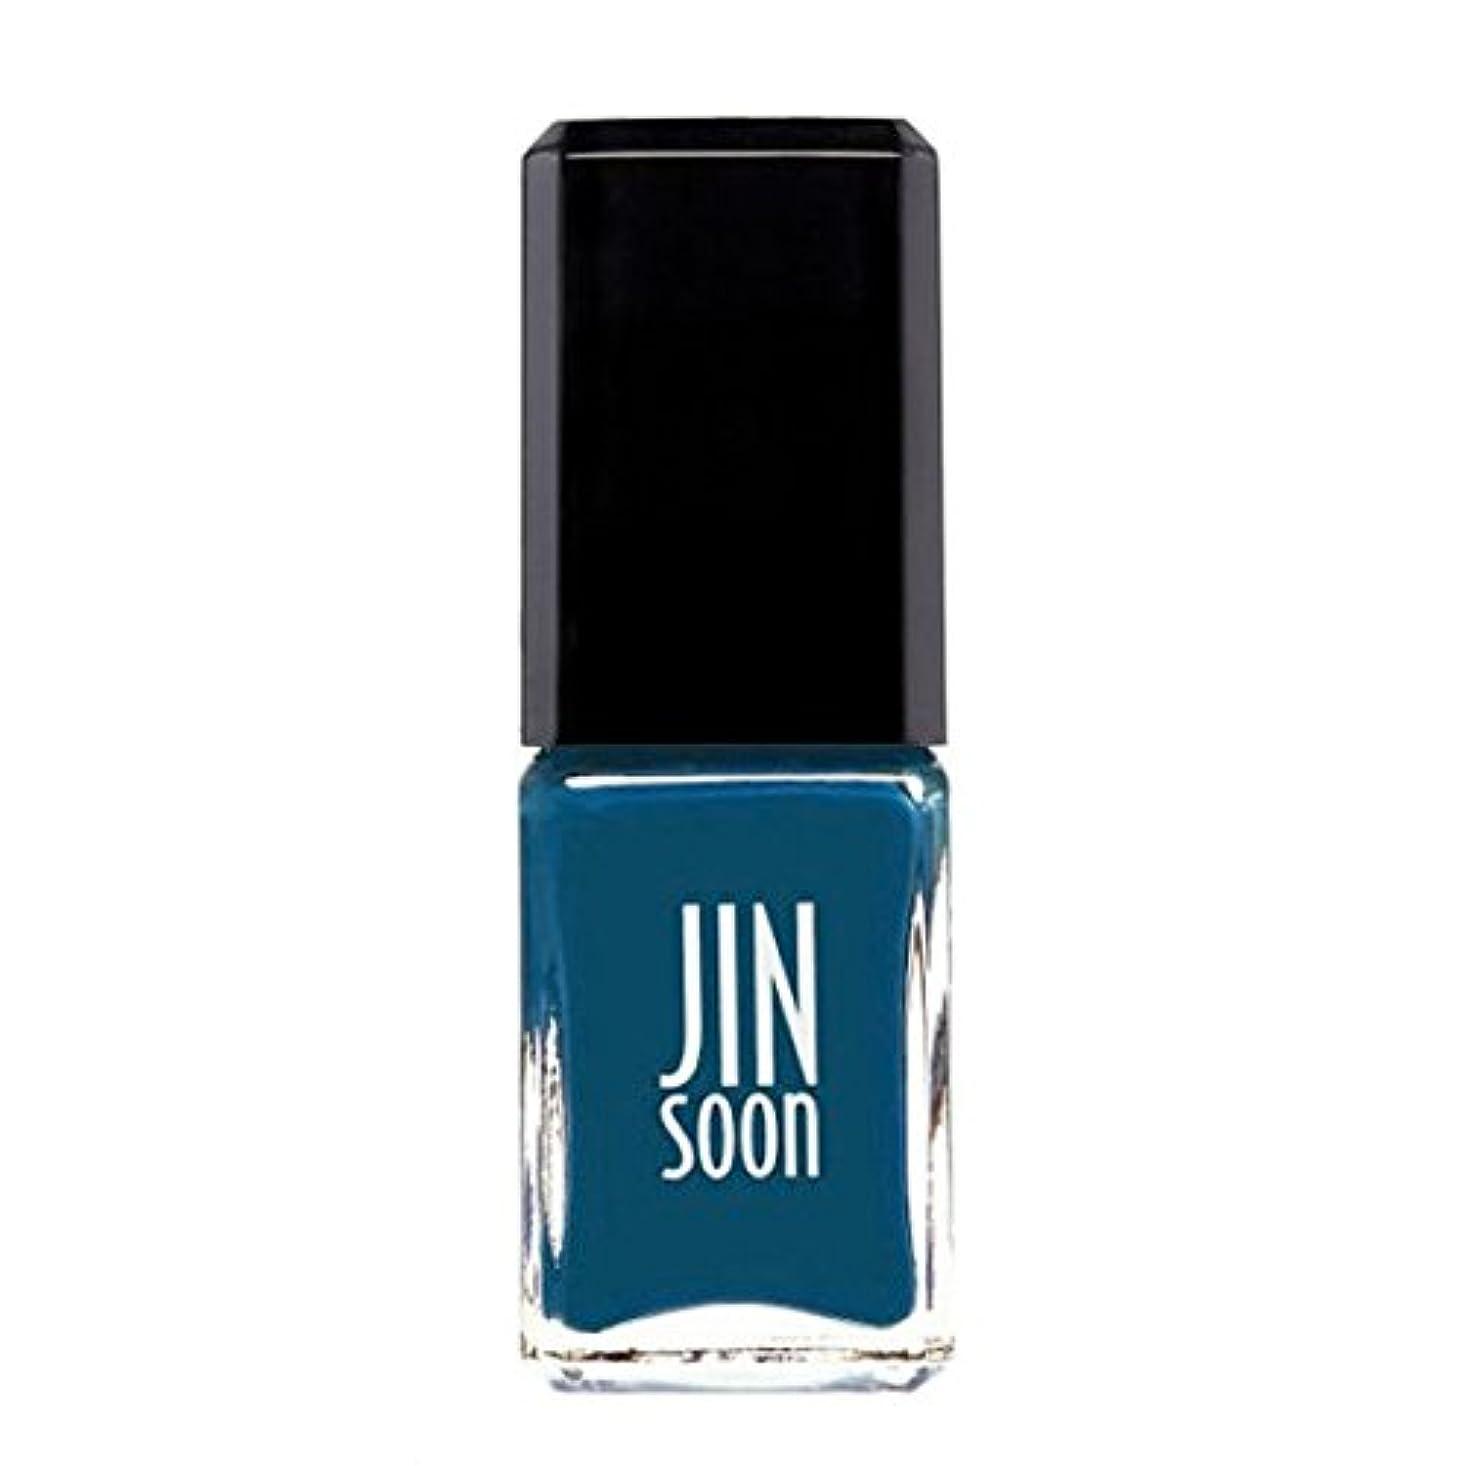 一元化するスピリチュアルペチコート[ジンスーン] [ jinsoon] ボウ(ティールブルー) BEAU ジンスーン 5フリー ネイルポリッシュ ネイルカラー系統:ティールブルー teal blue 11mL